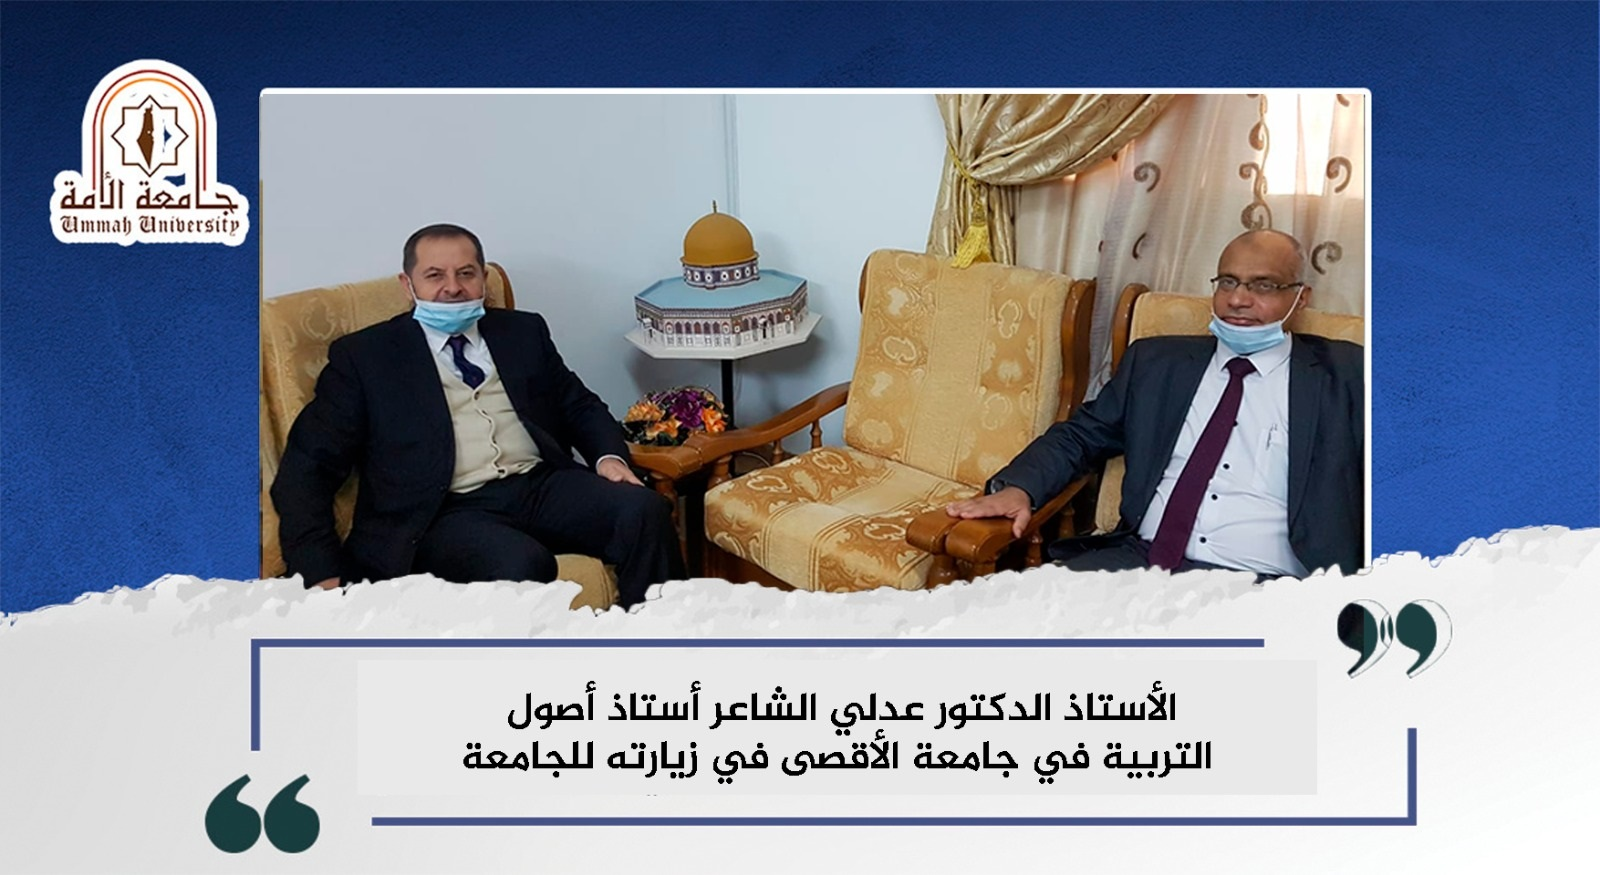 الأستاذ الدكتور عدلي الشاعر أستاذ أصول التربية بجامعة الأقصى في زيارته للجامعة